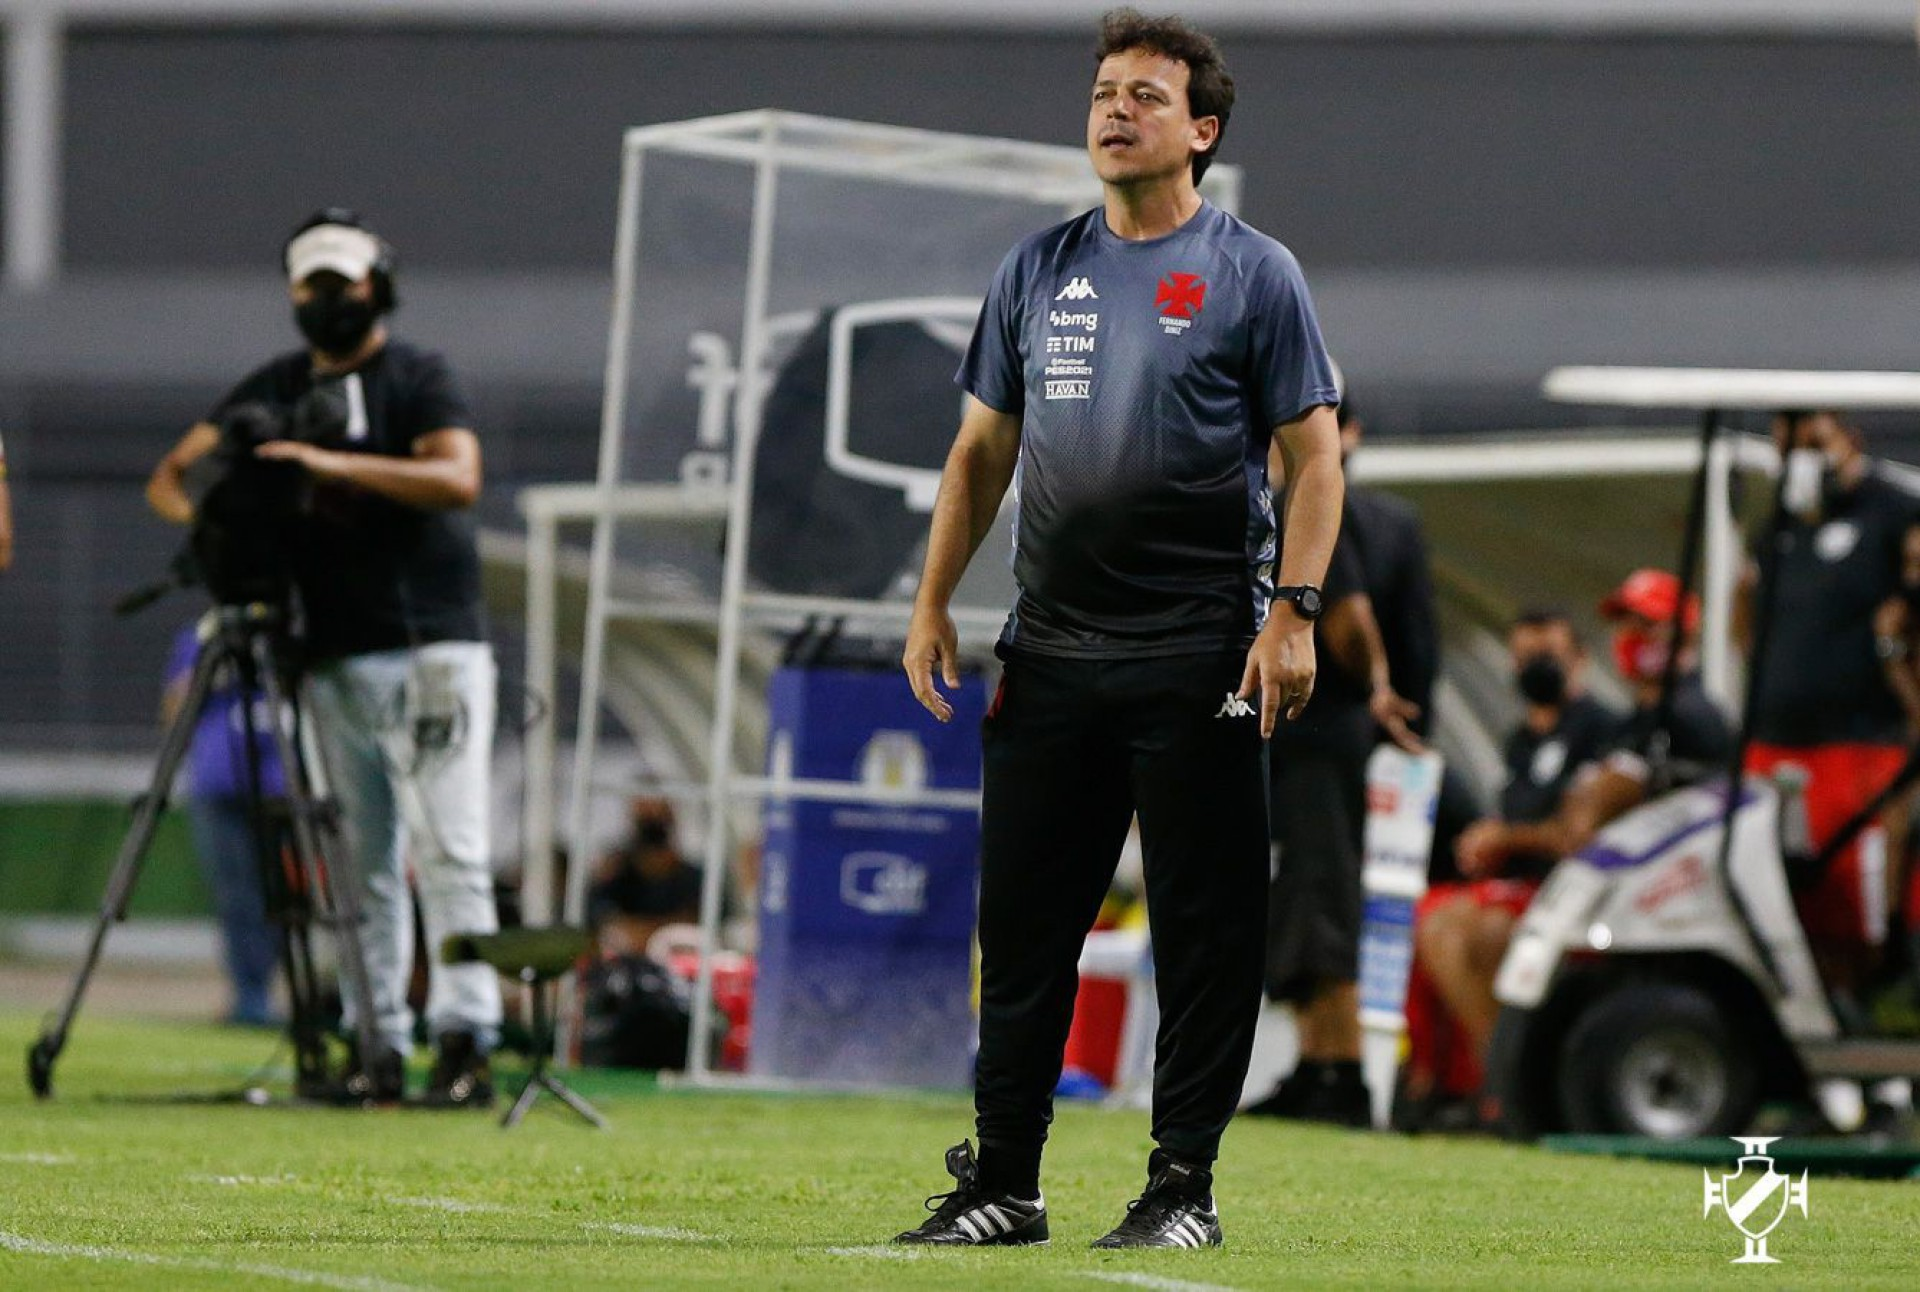 Vasco confirma escalação para pegar o Goiás